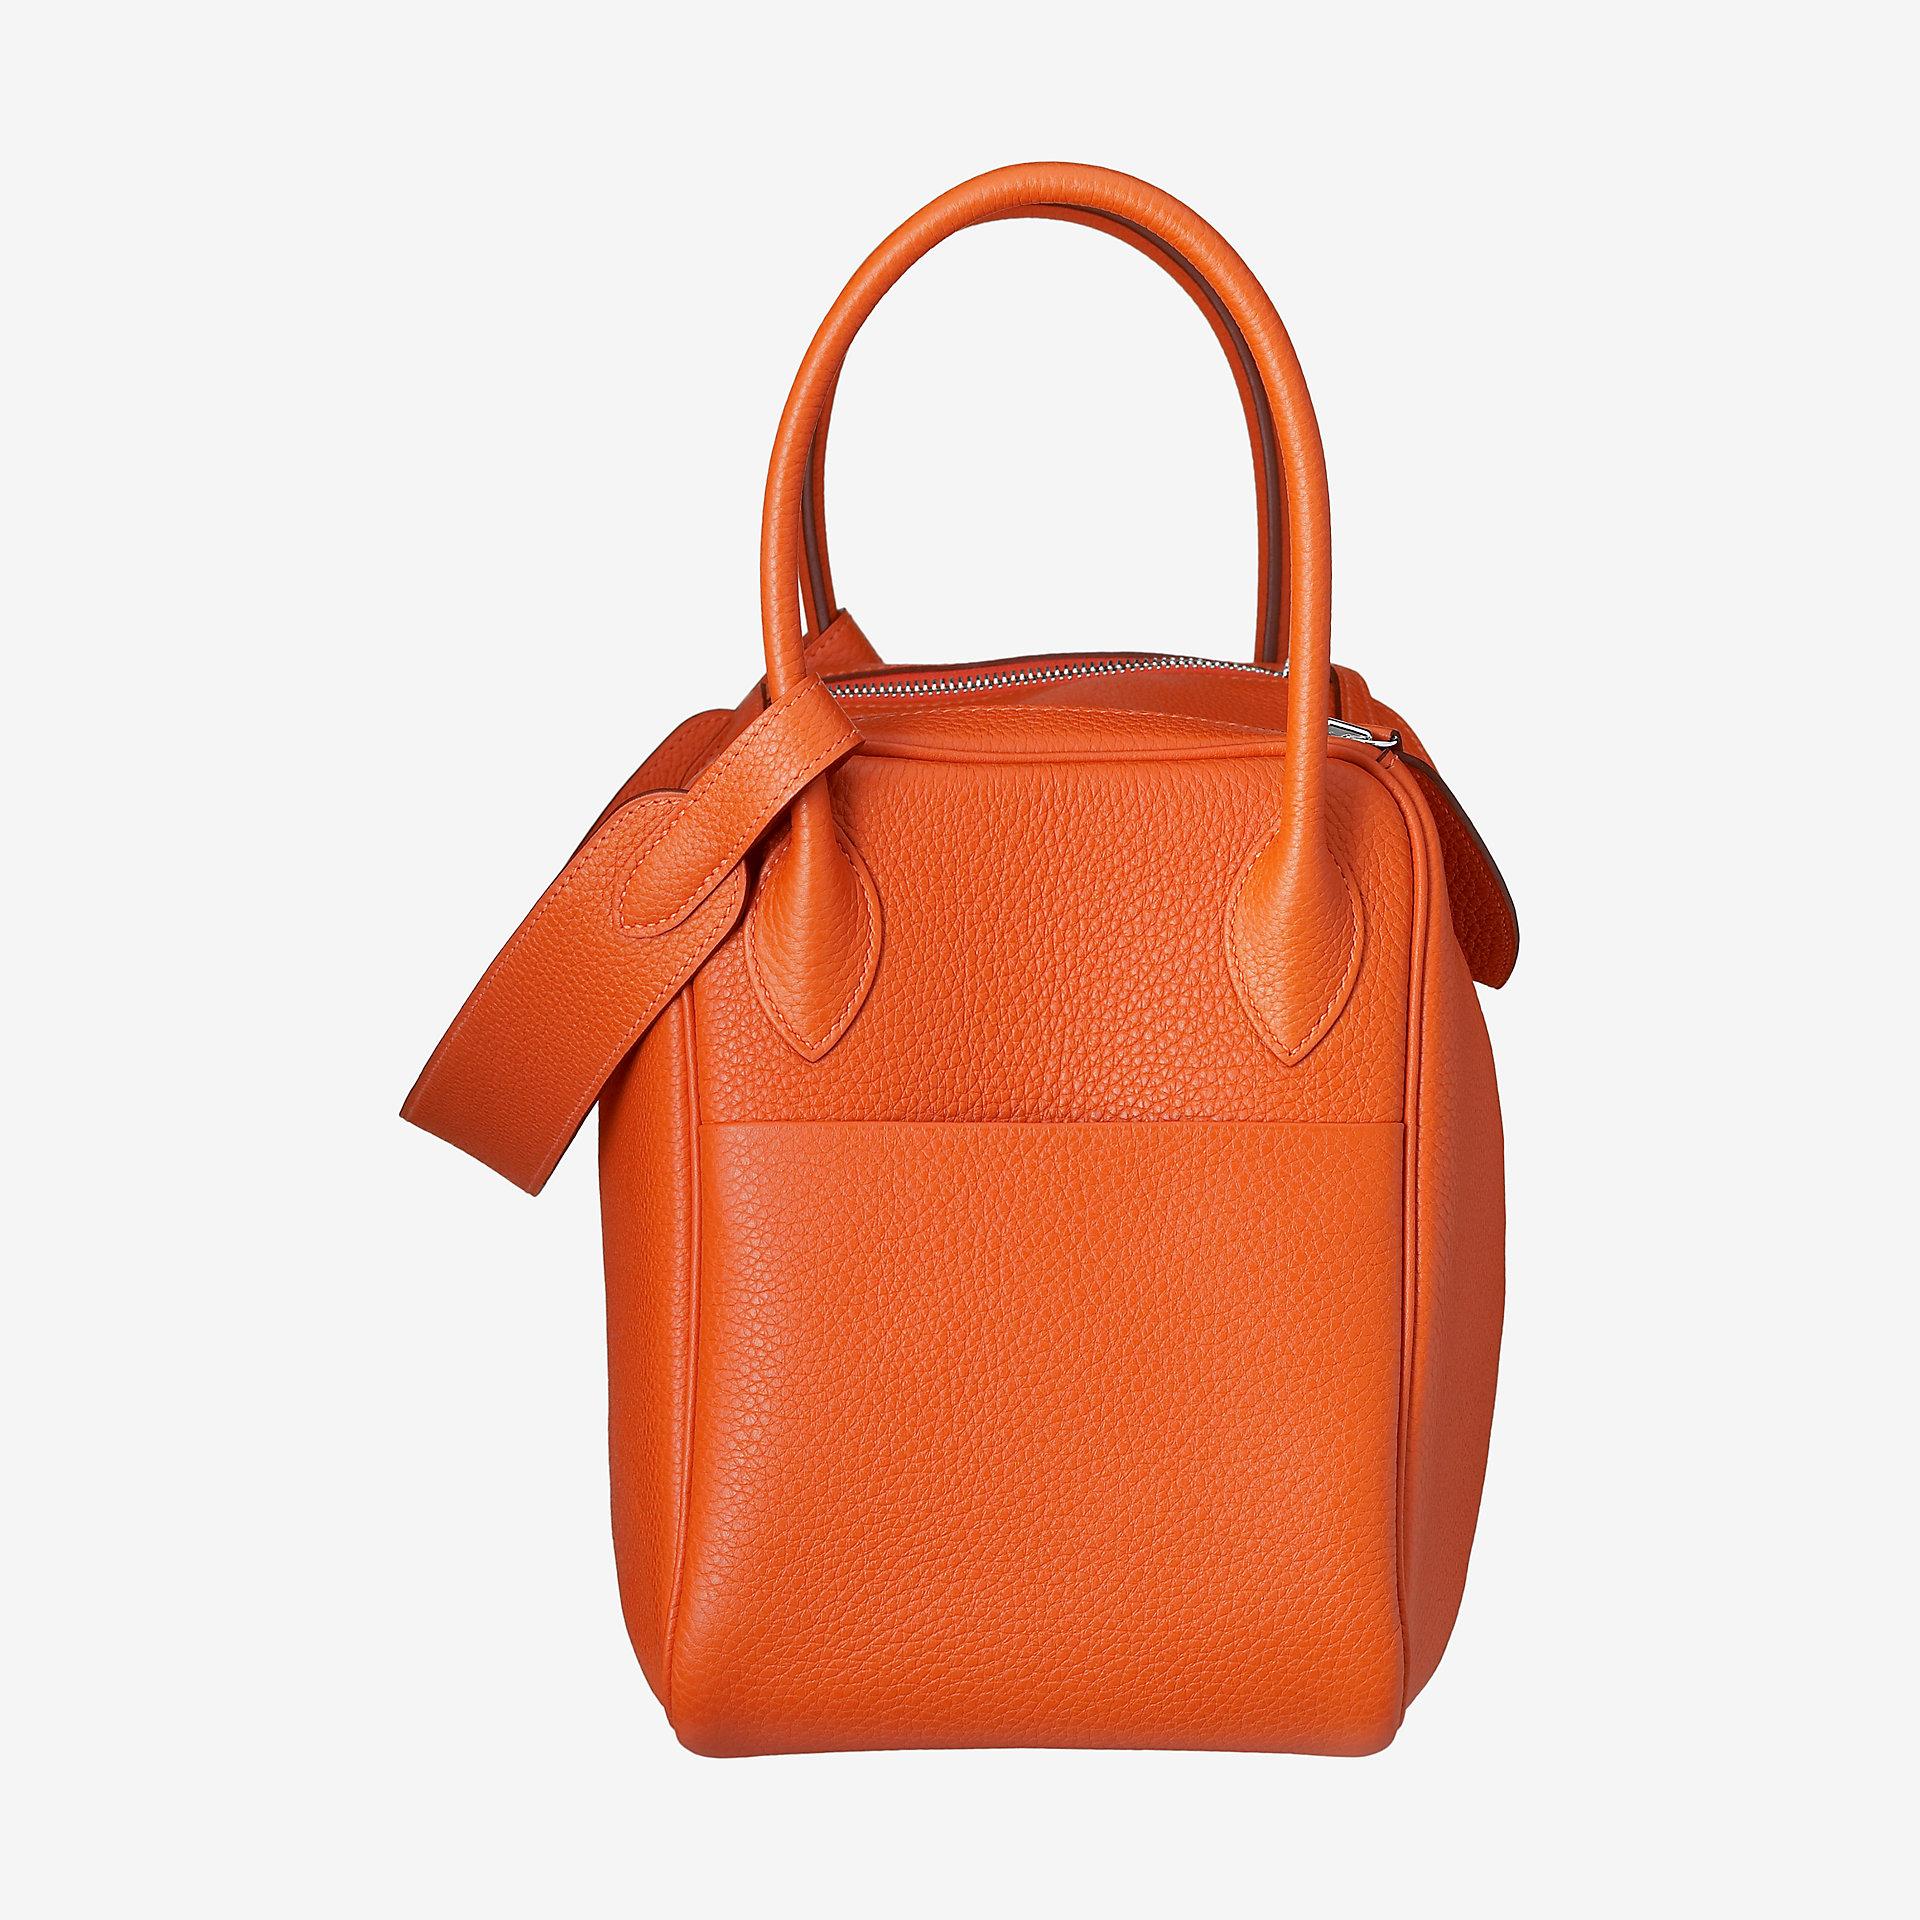 爱马仕琳迪包价格Hermes Lindy 30 bag  taurillon Clemence 9J橙色